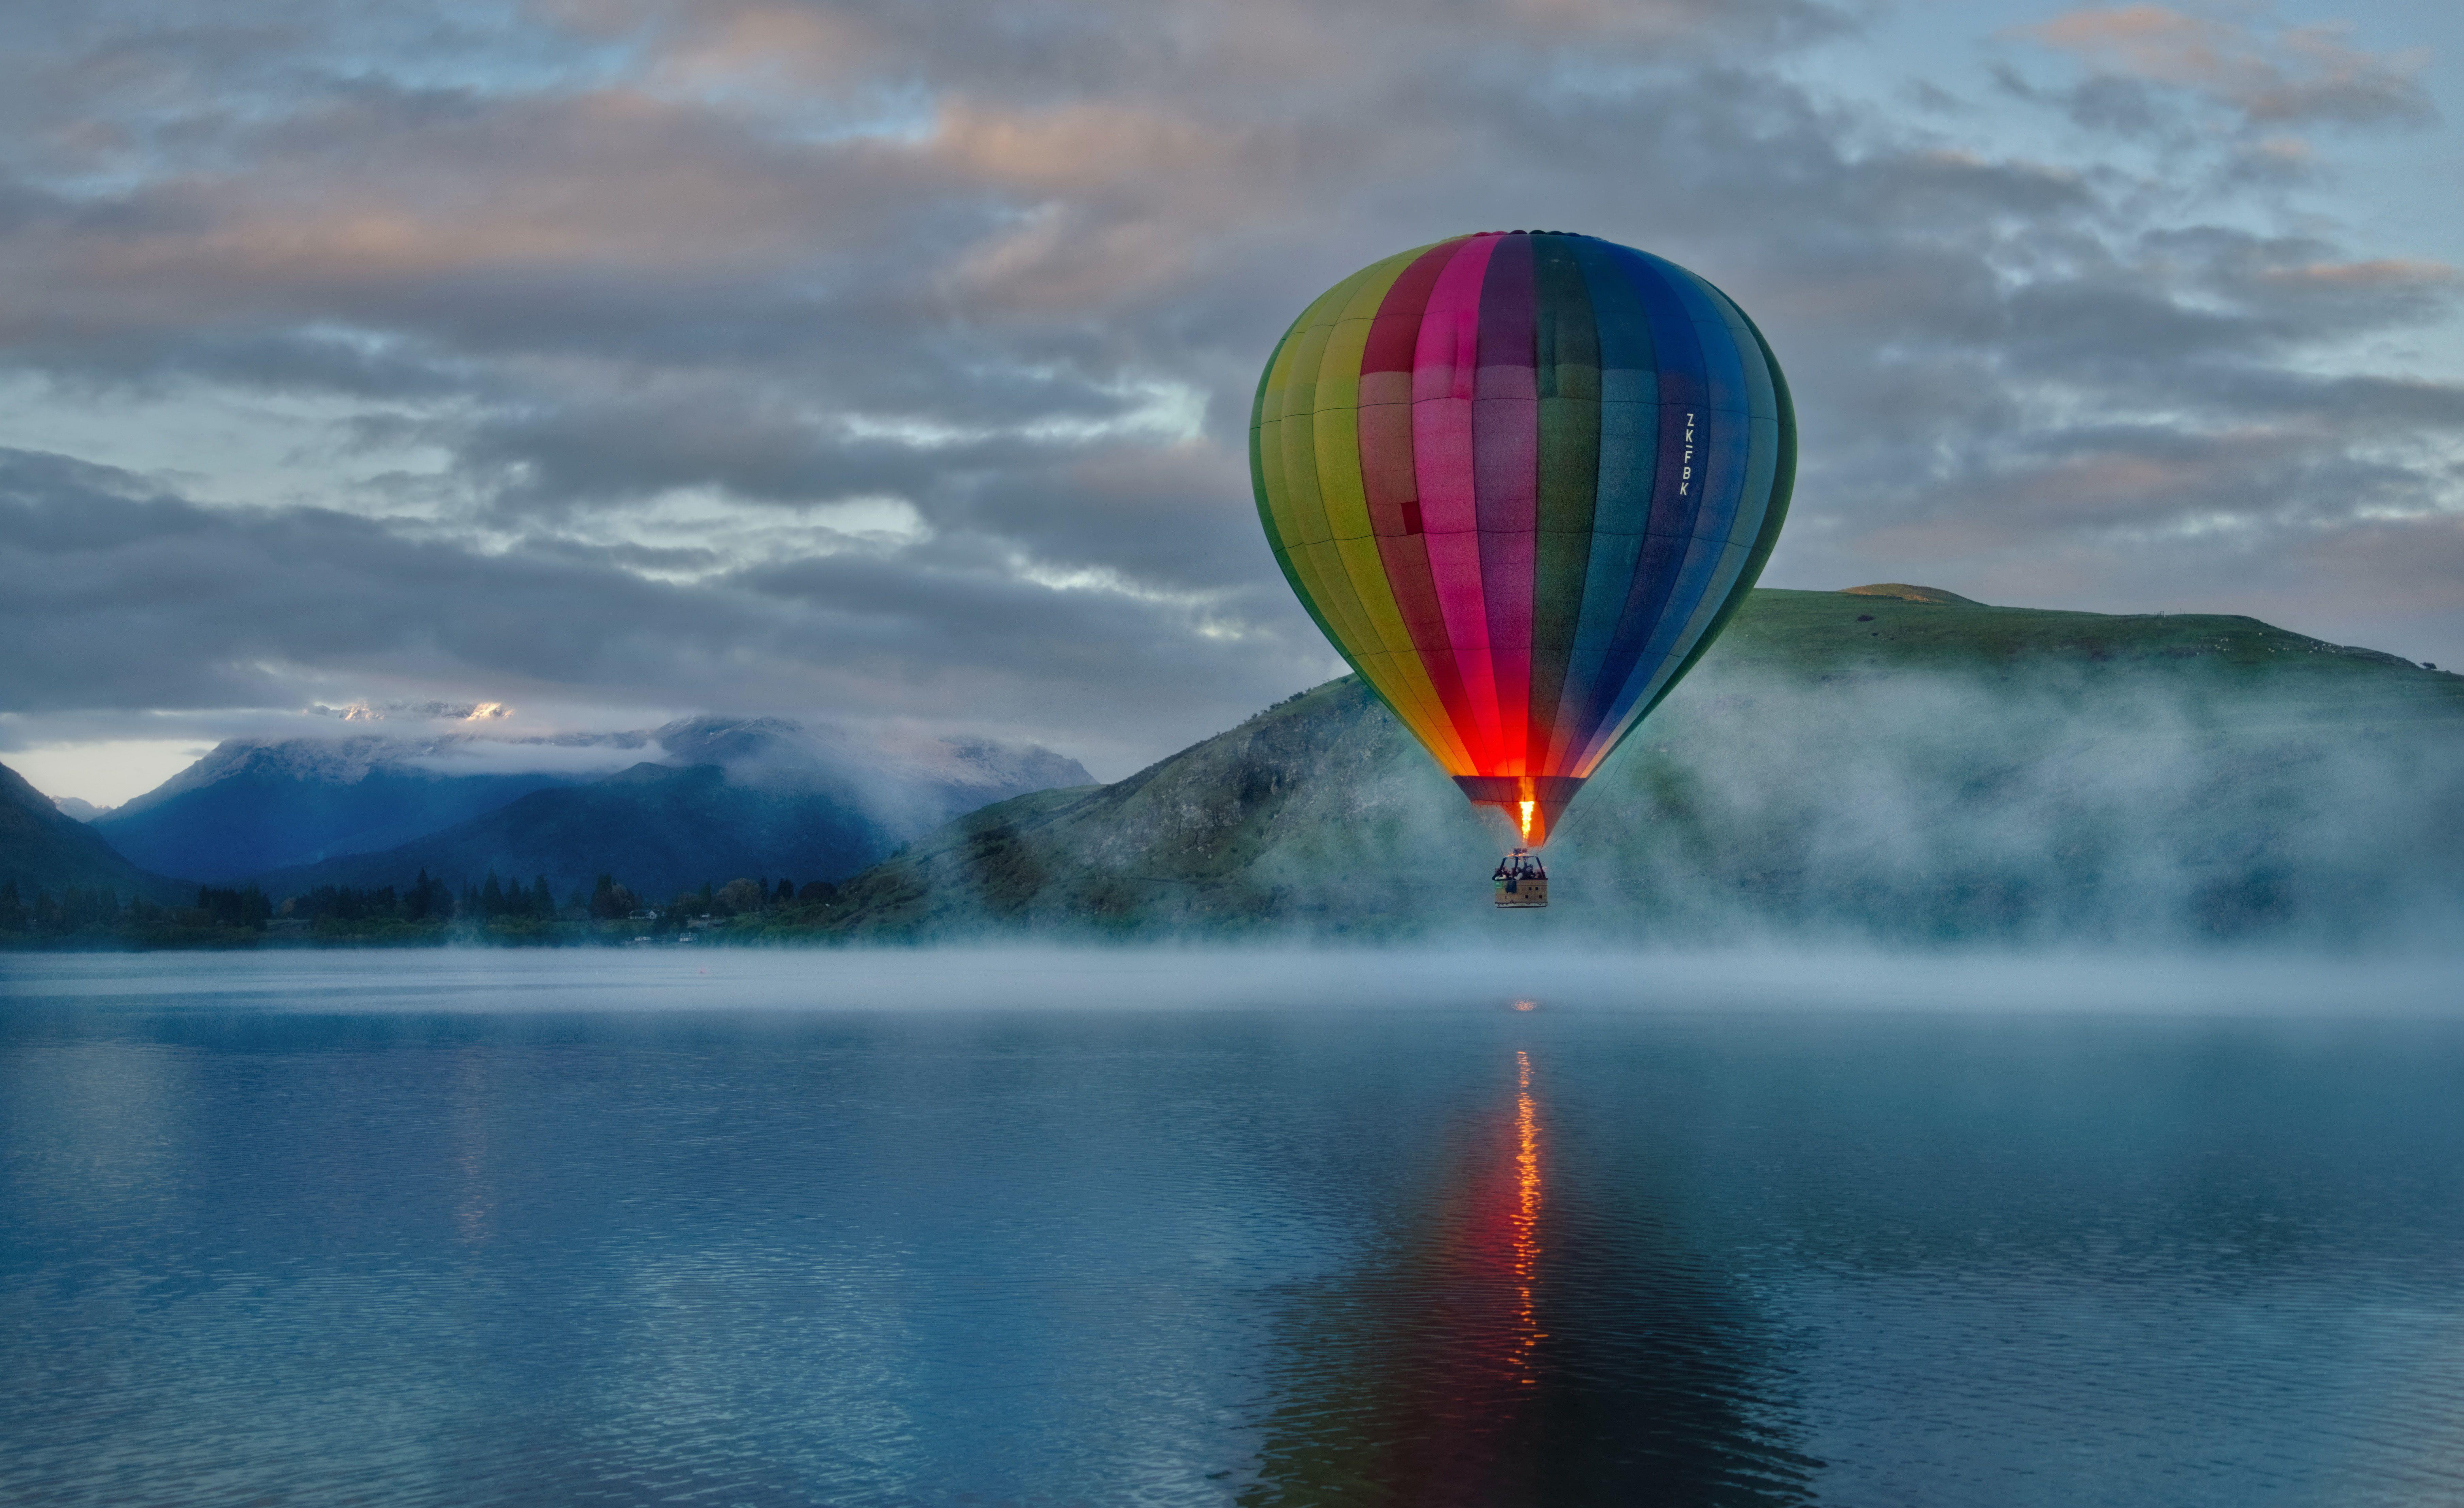 8k Hot Air Balloon 4k 5k Wallpaper Hdwallpaper Desktop Hot Air Balloon Air Balloon Nature Wallpaper